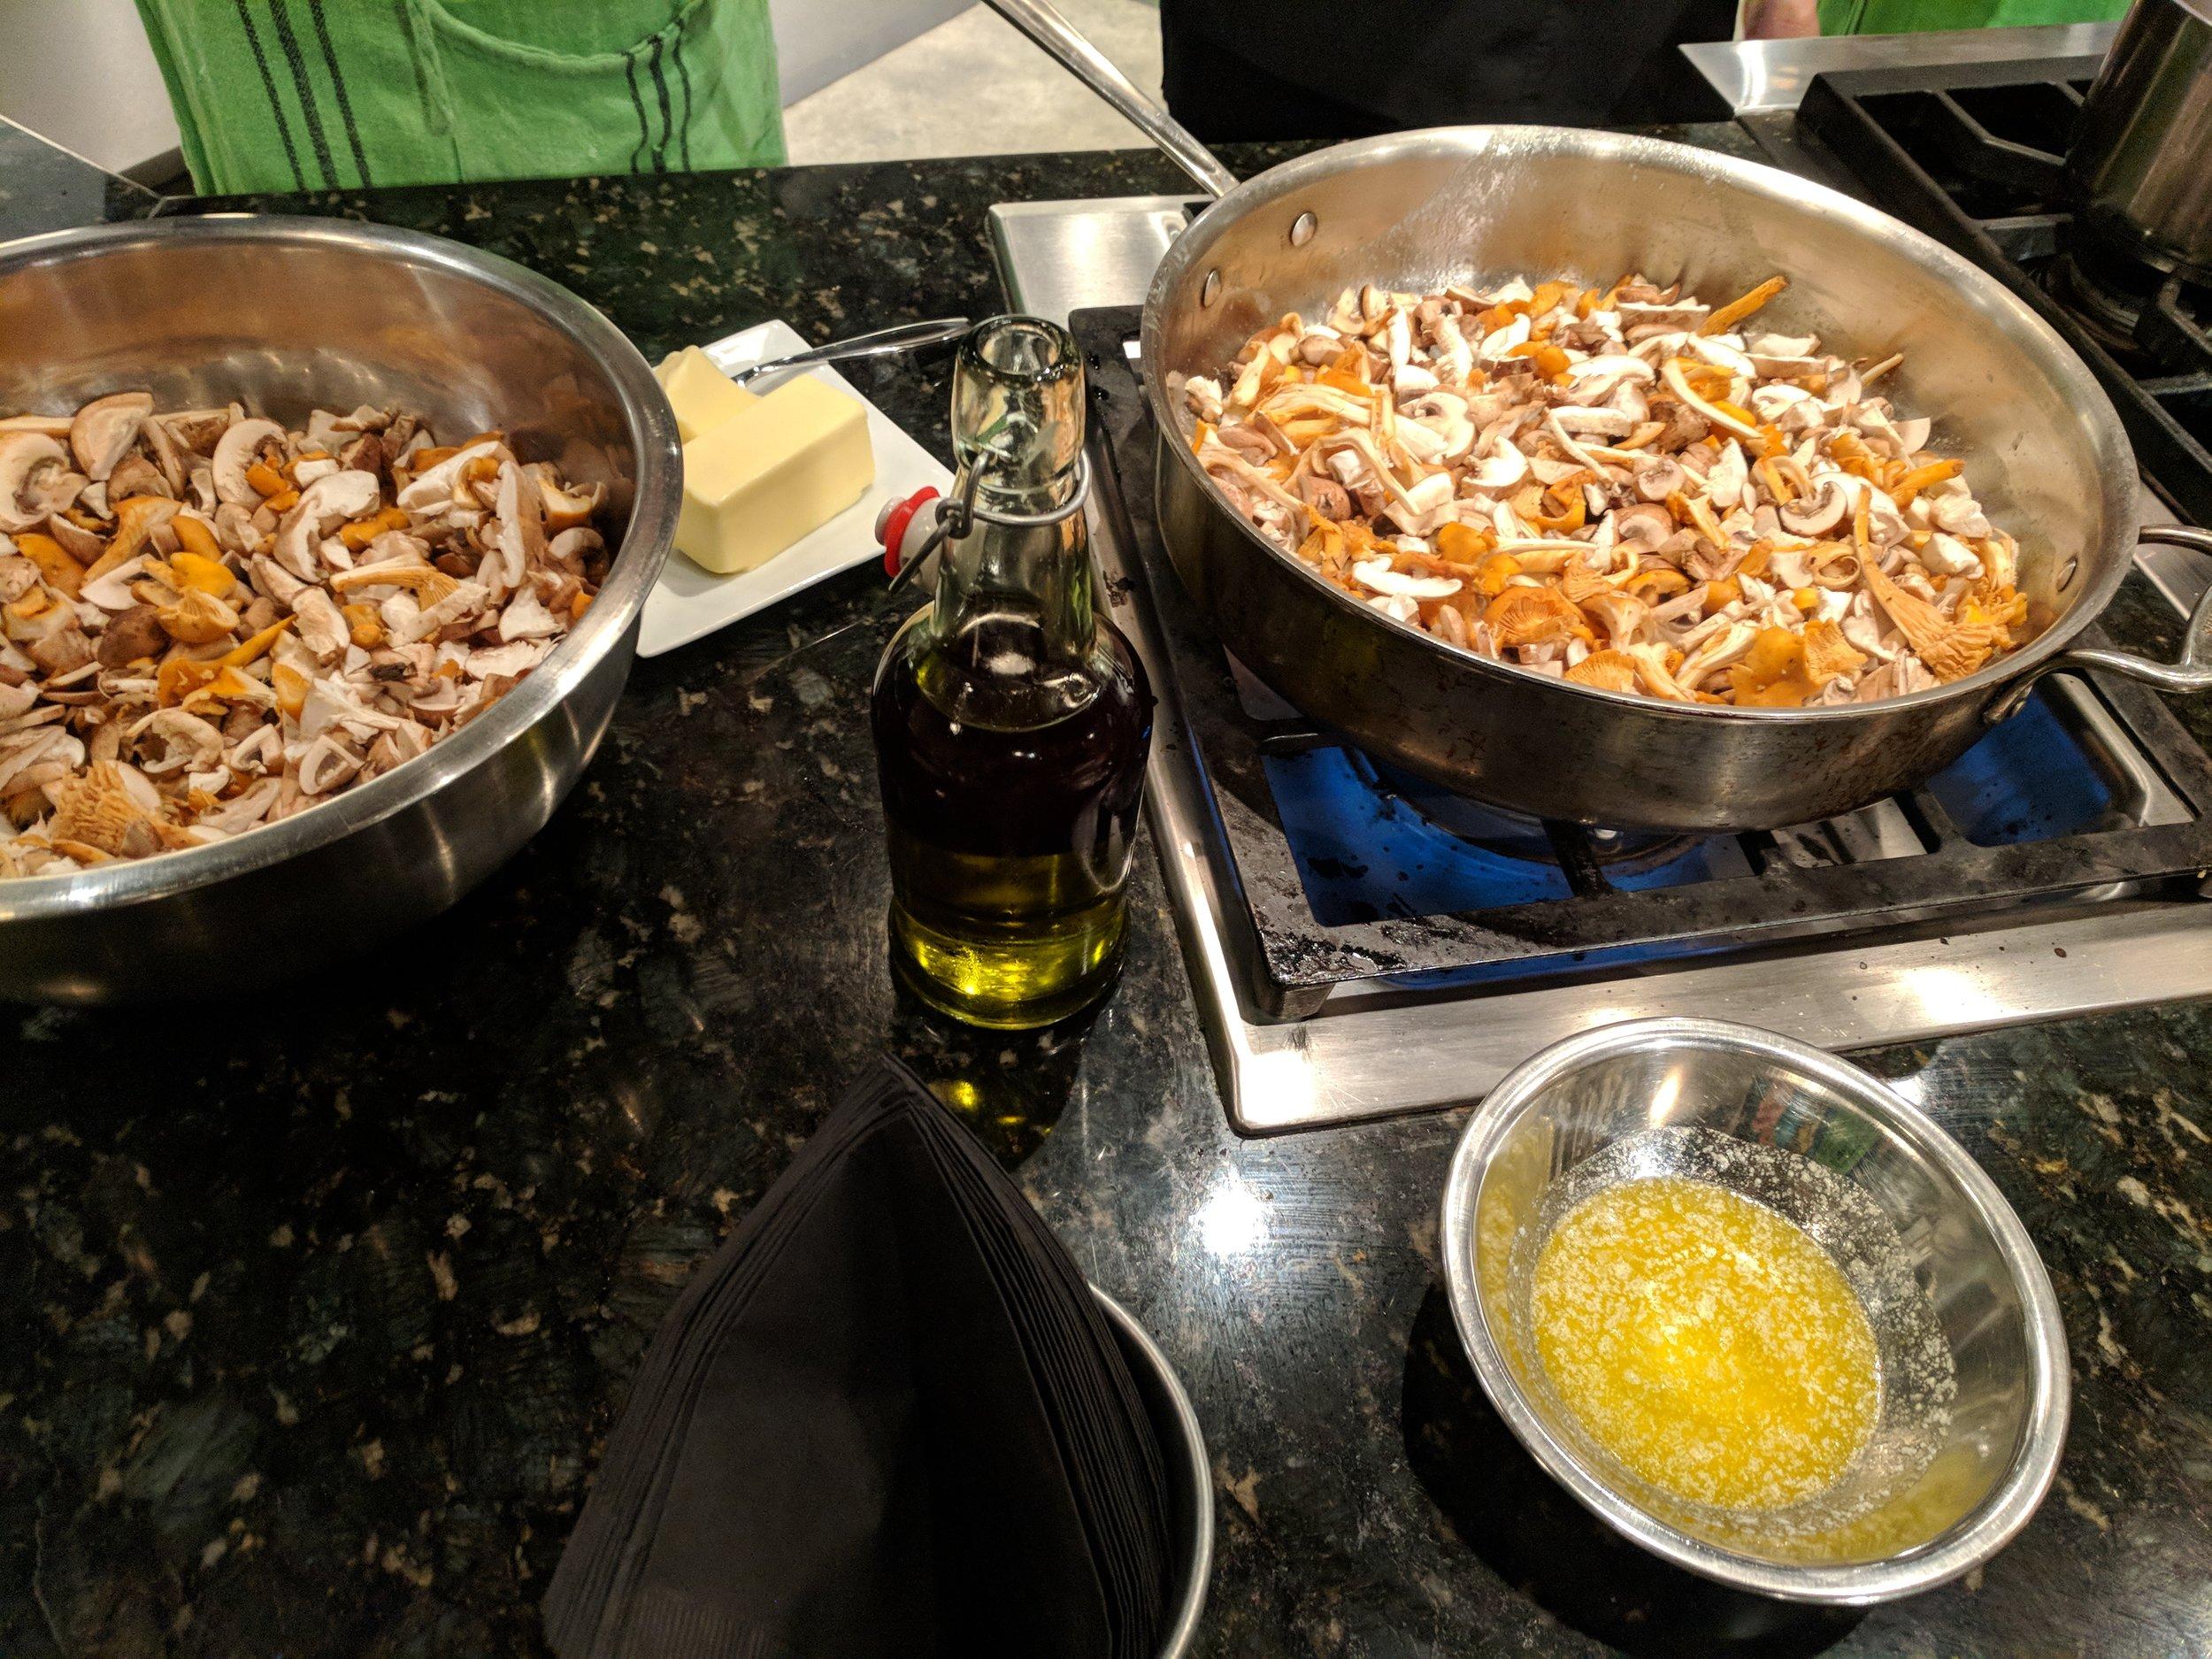 cooking-mushrooms-on-stovetop.jpg